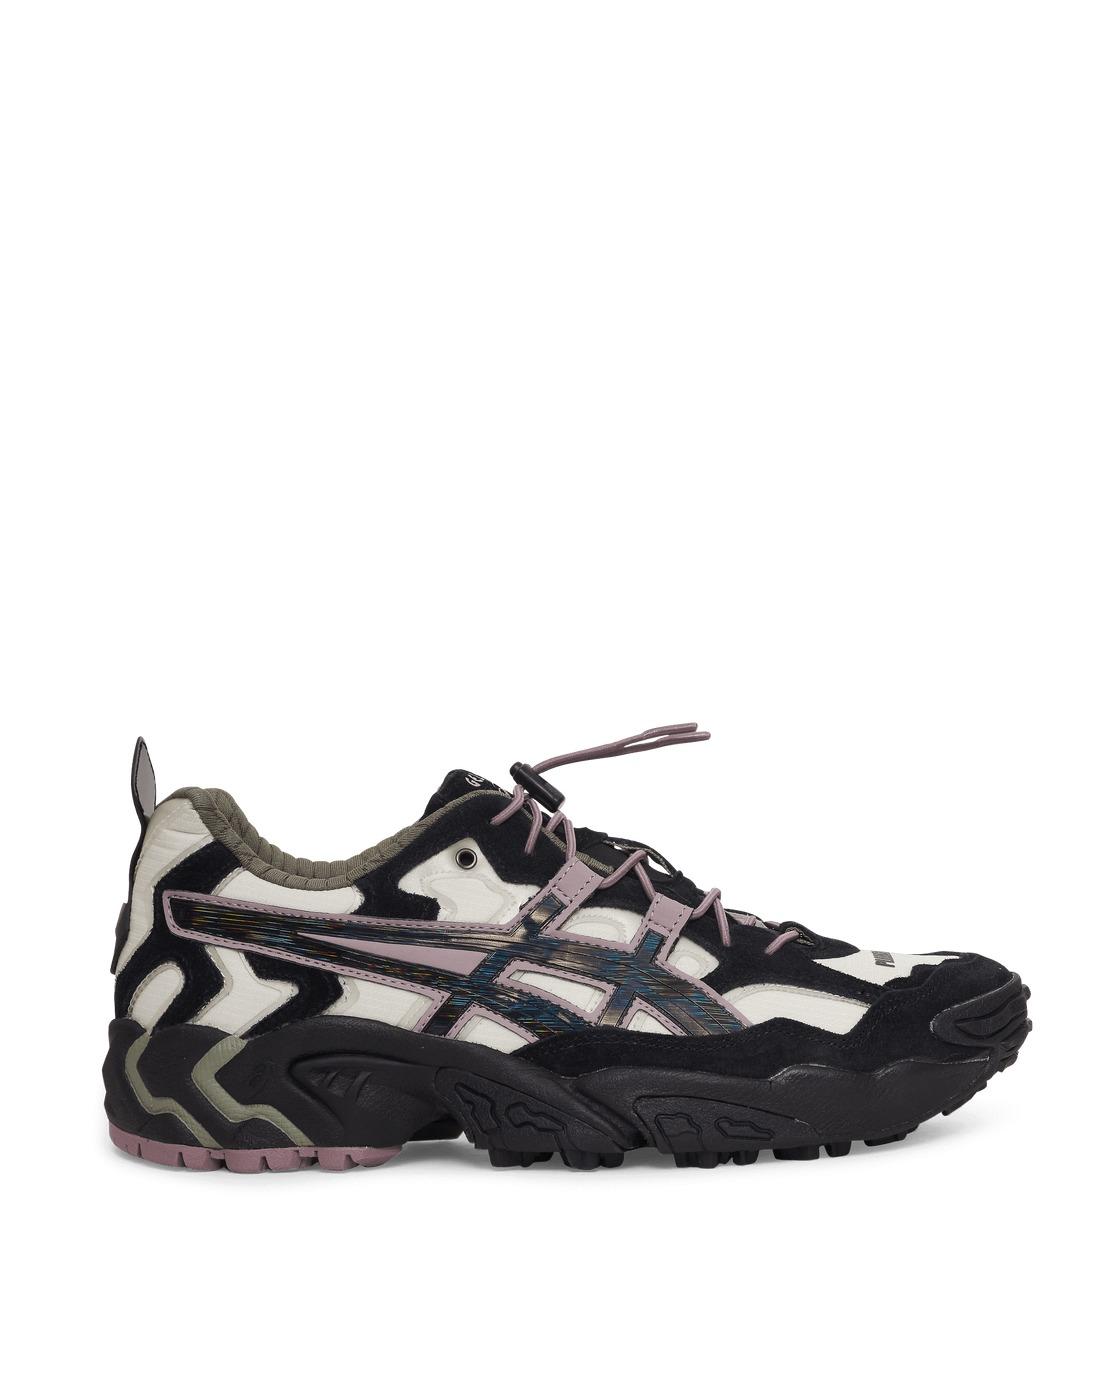 Asics Pleasures Gel Nandi Sneakers Cream/Graphite Grey